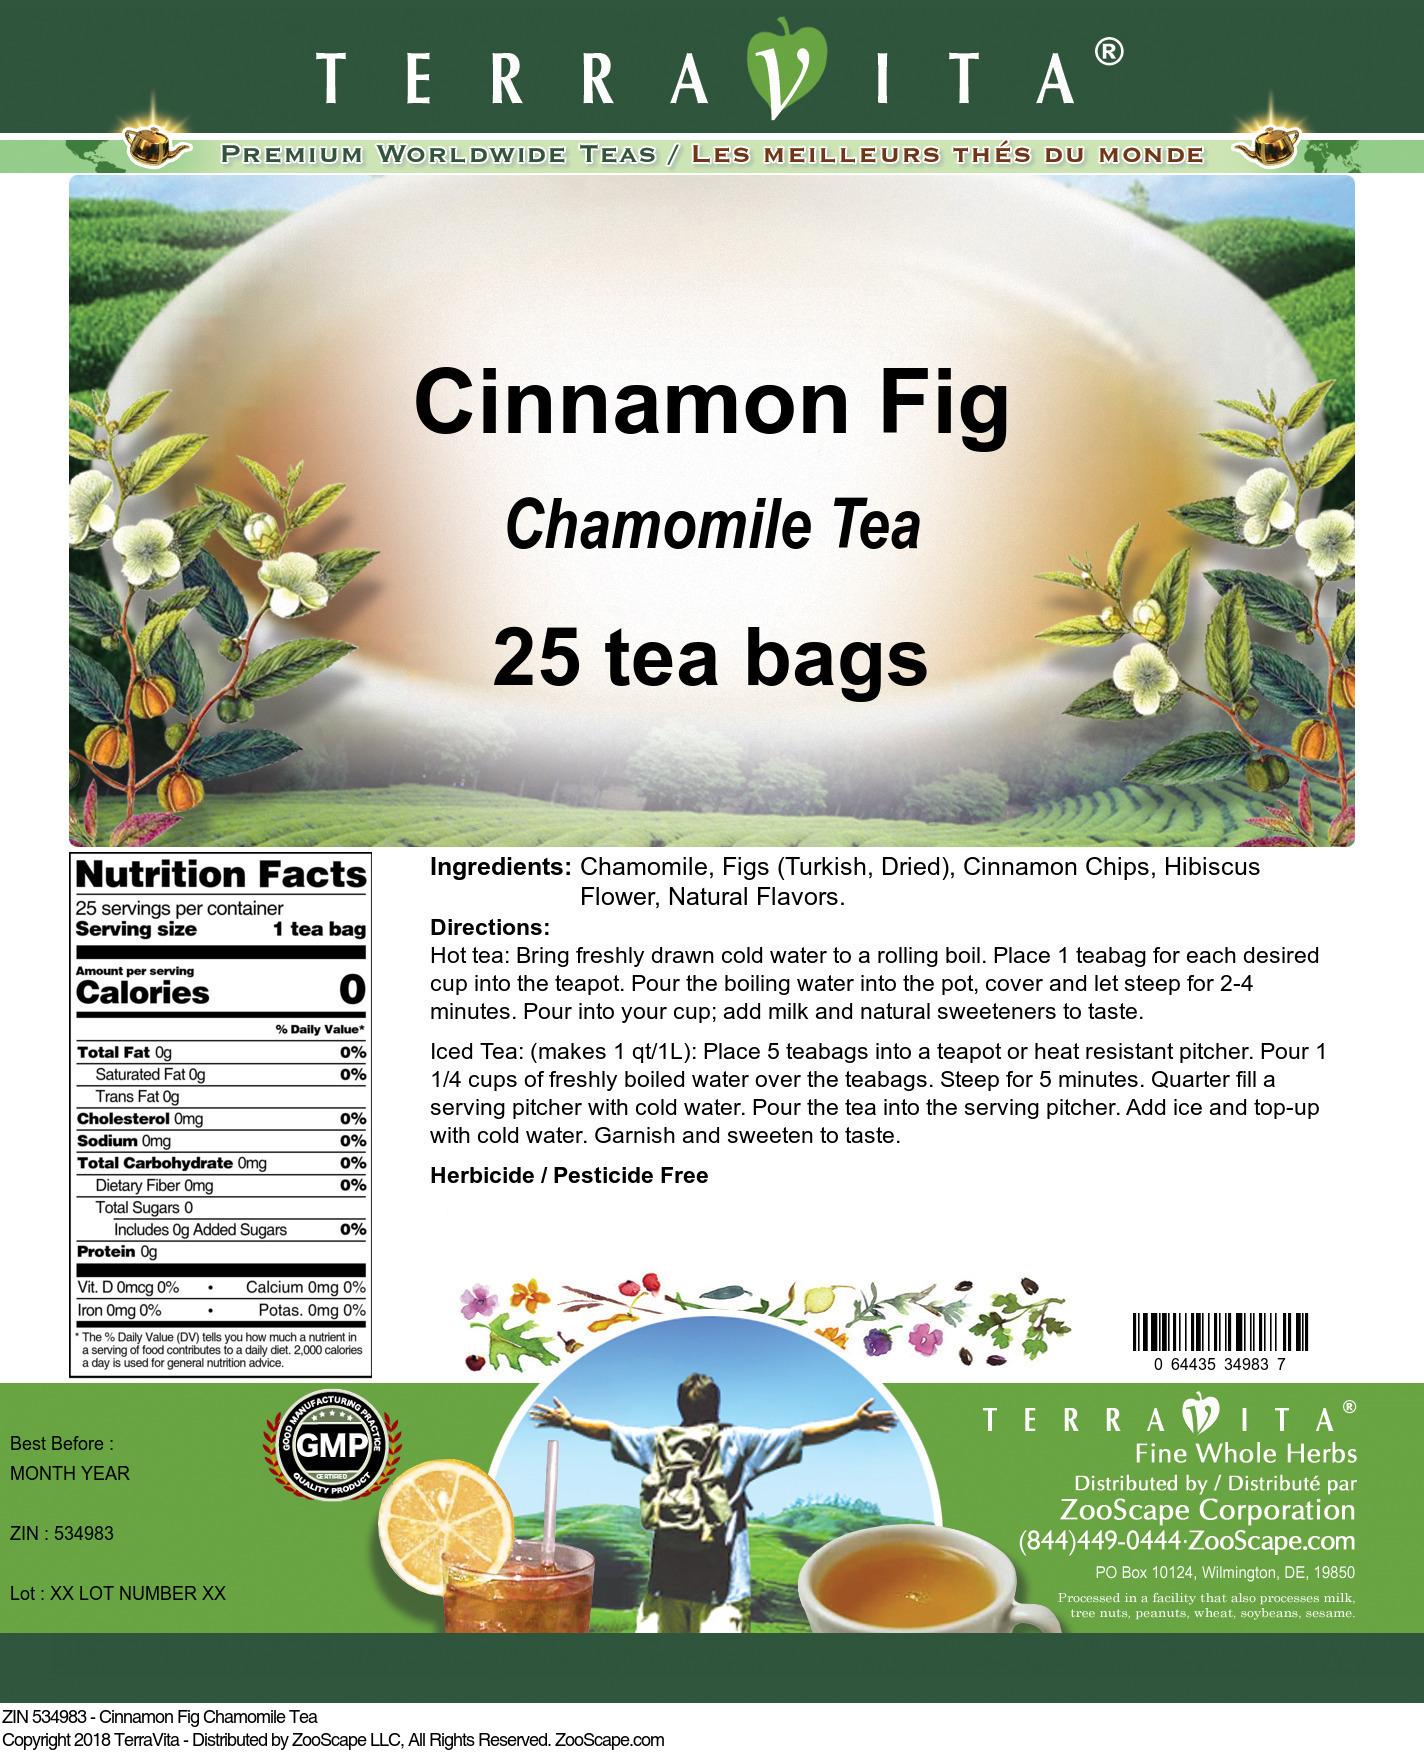 Cinnamon Fig Chamomile Tea